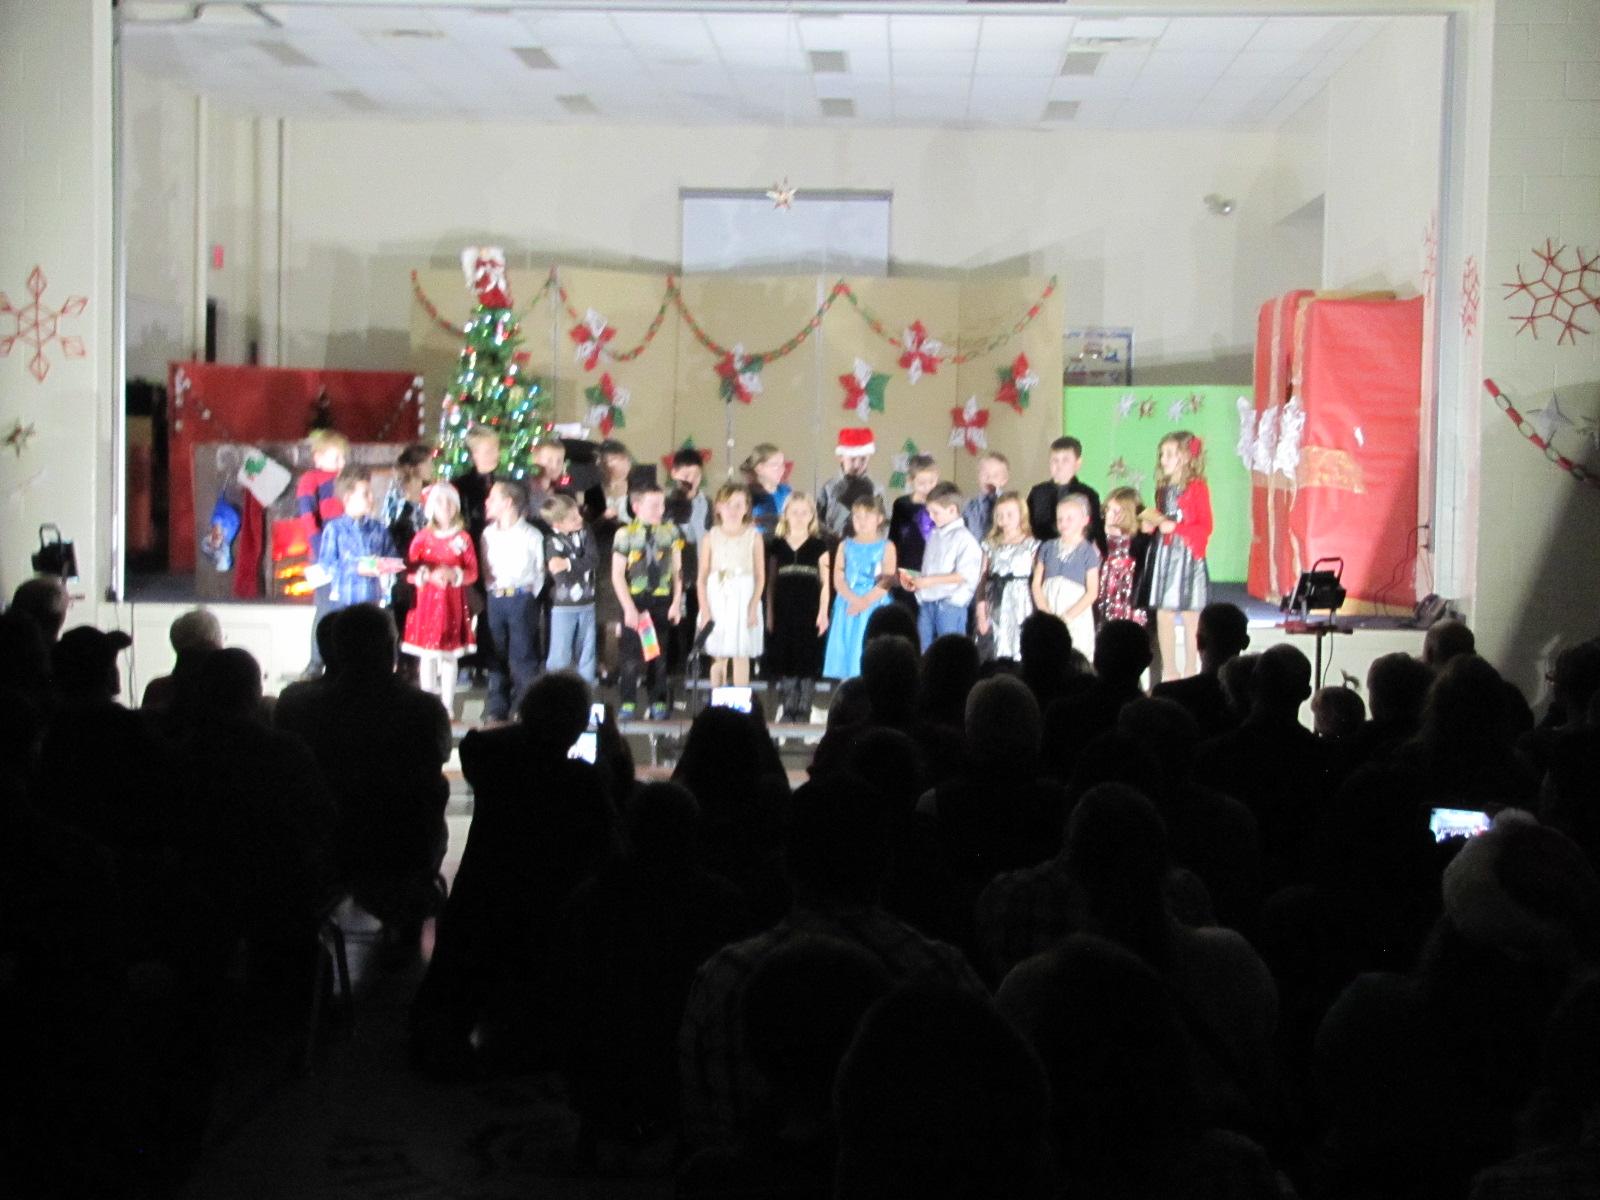 2014-12-17 TV School Christmas Concert 021